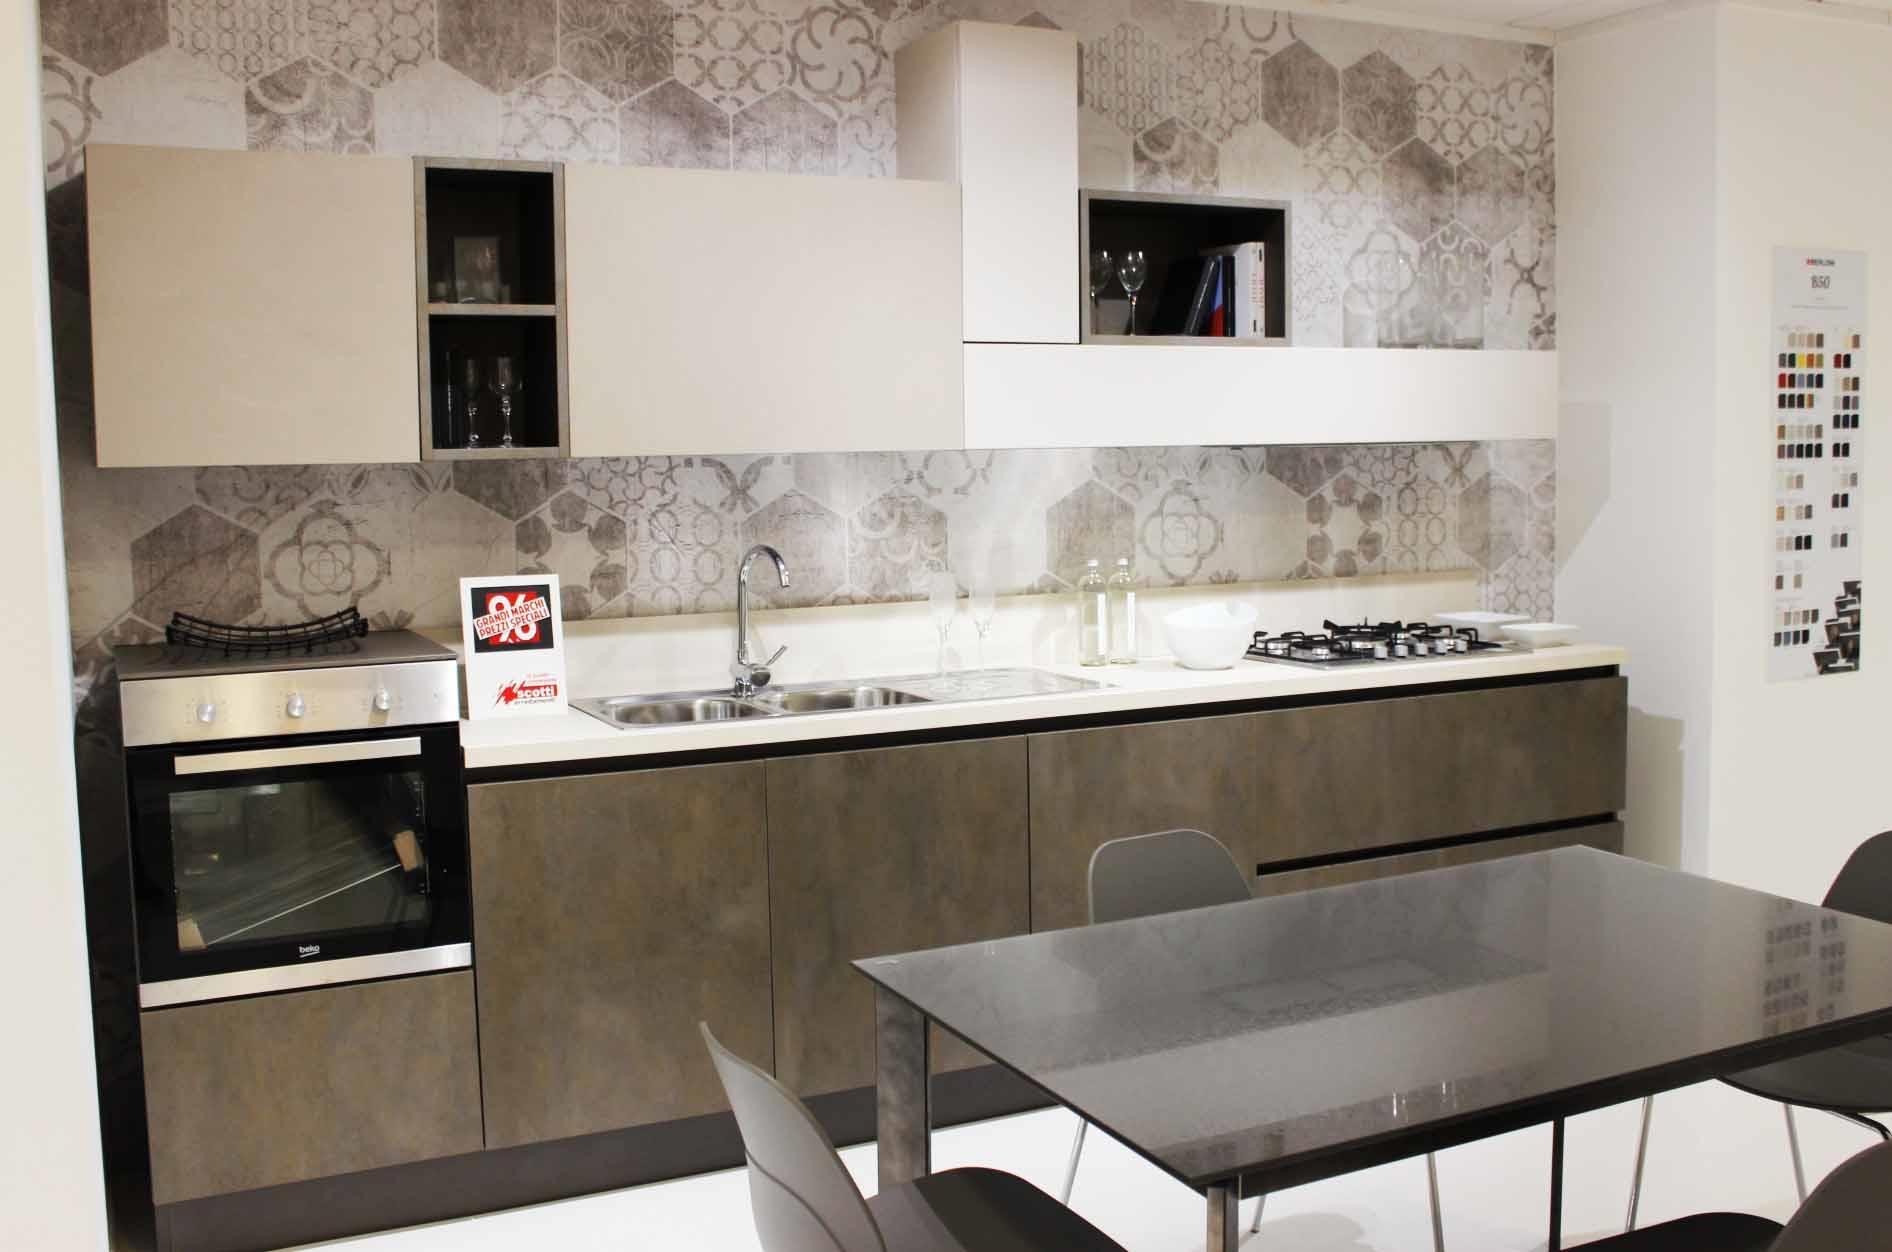 La Cucina In Stile Industrial - Cucine Berloni Roma | cucine ...